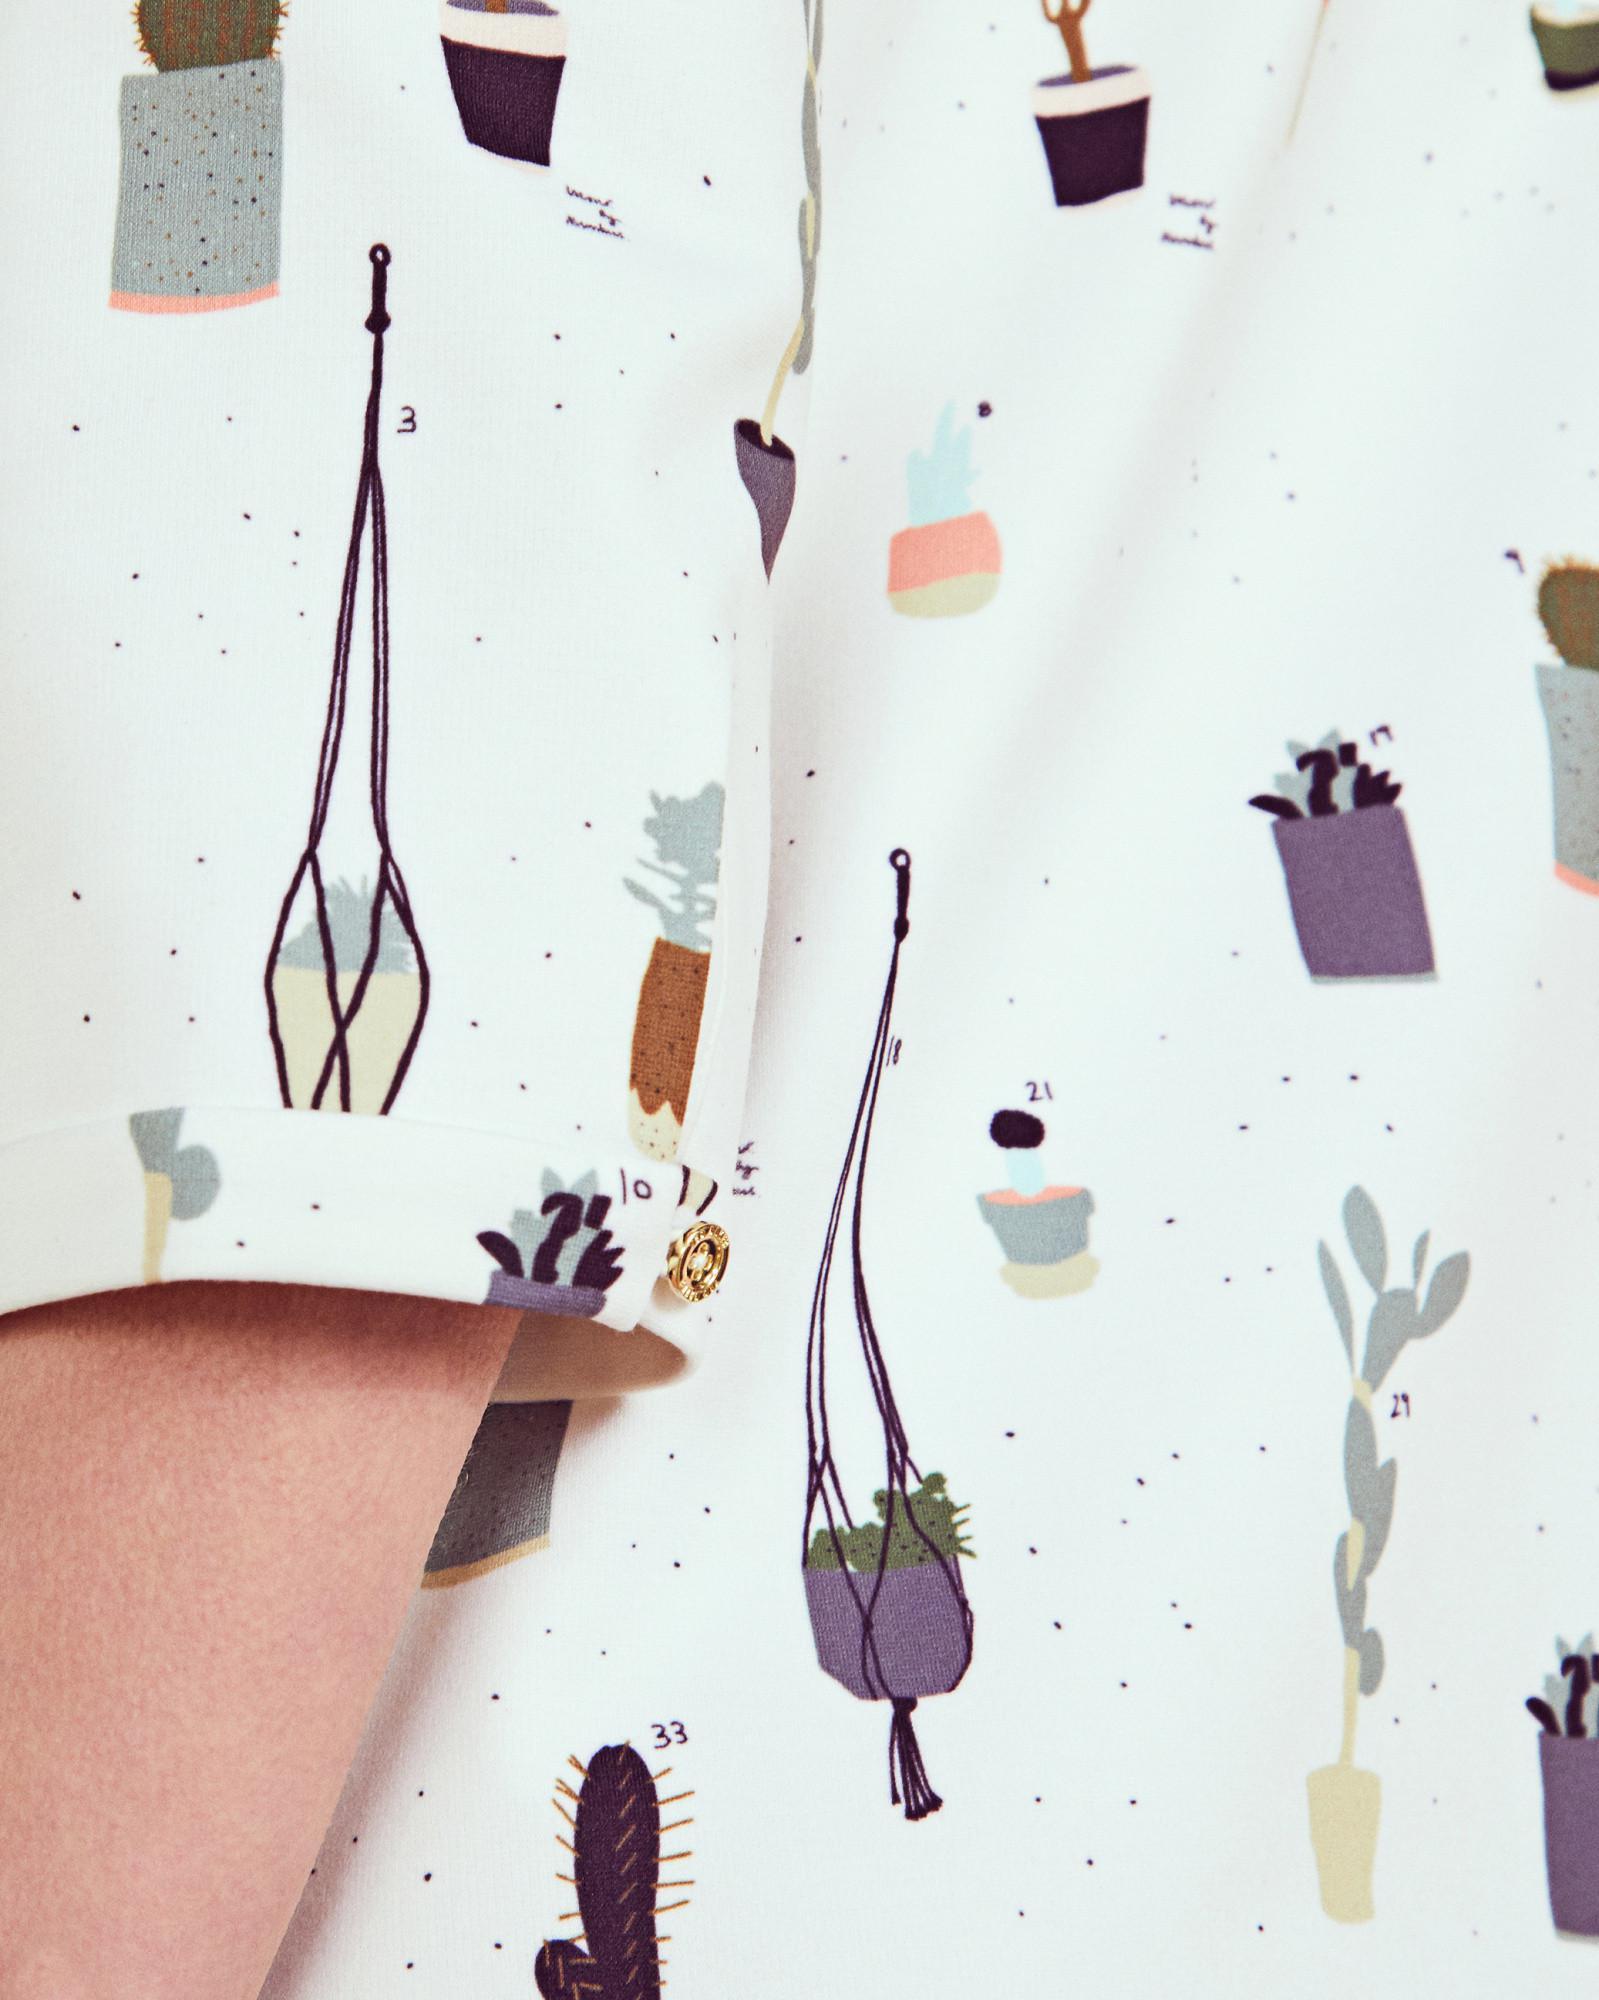 e95d1e1348b8 Ted Baker Cactus Print Shift Dress in White - Lyst